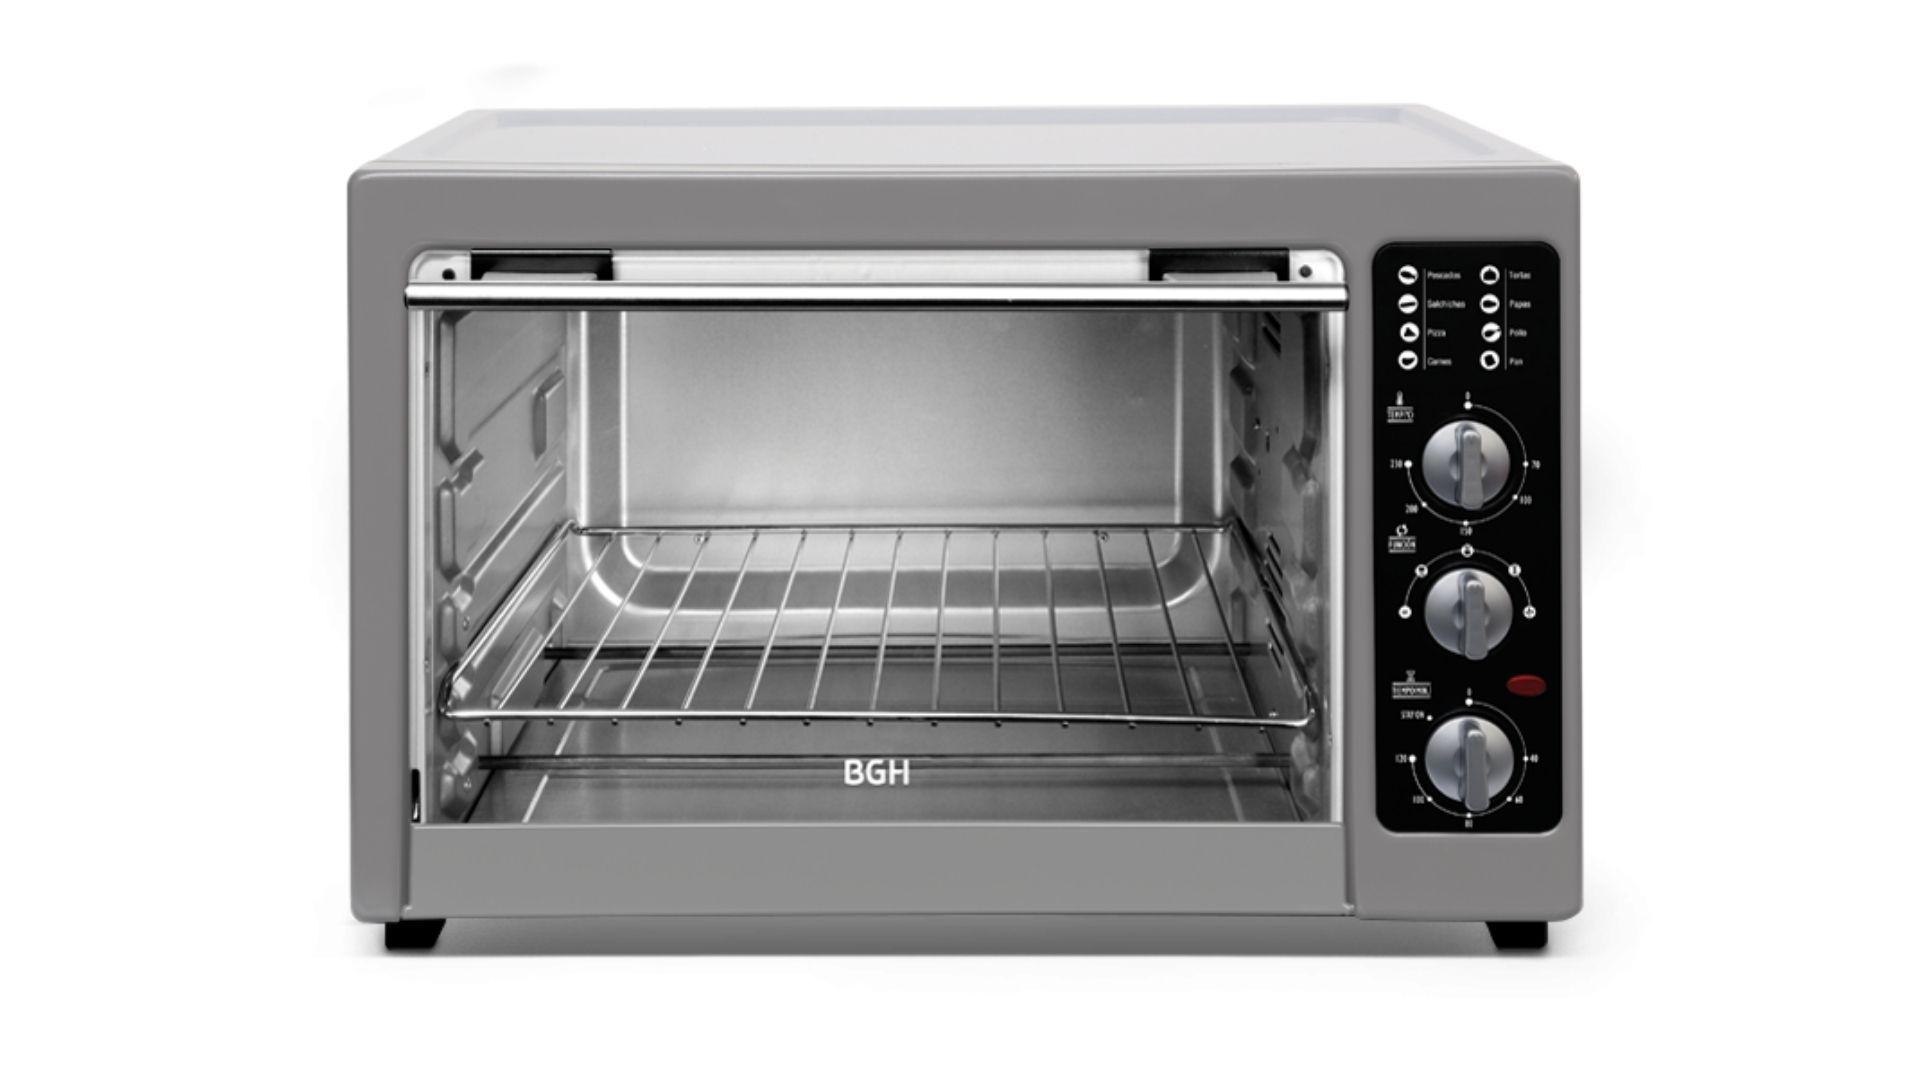 BGH invertirá para la producción de hornos eléctricos